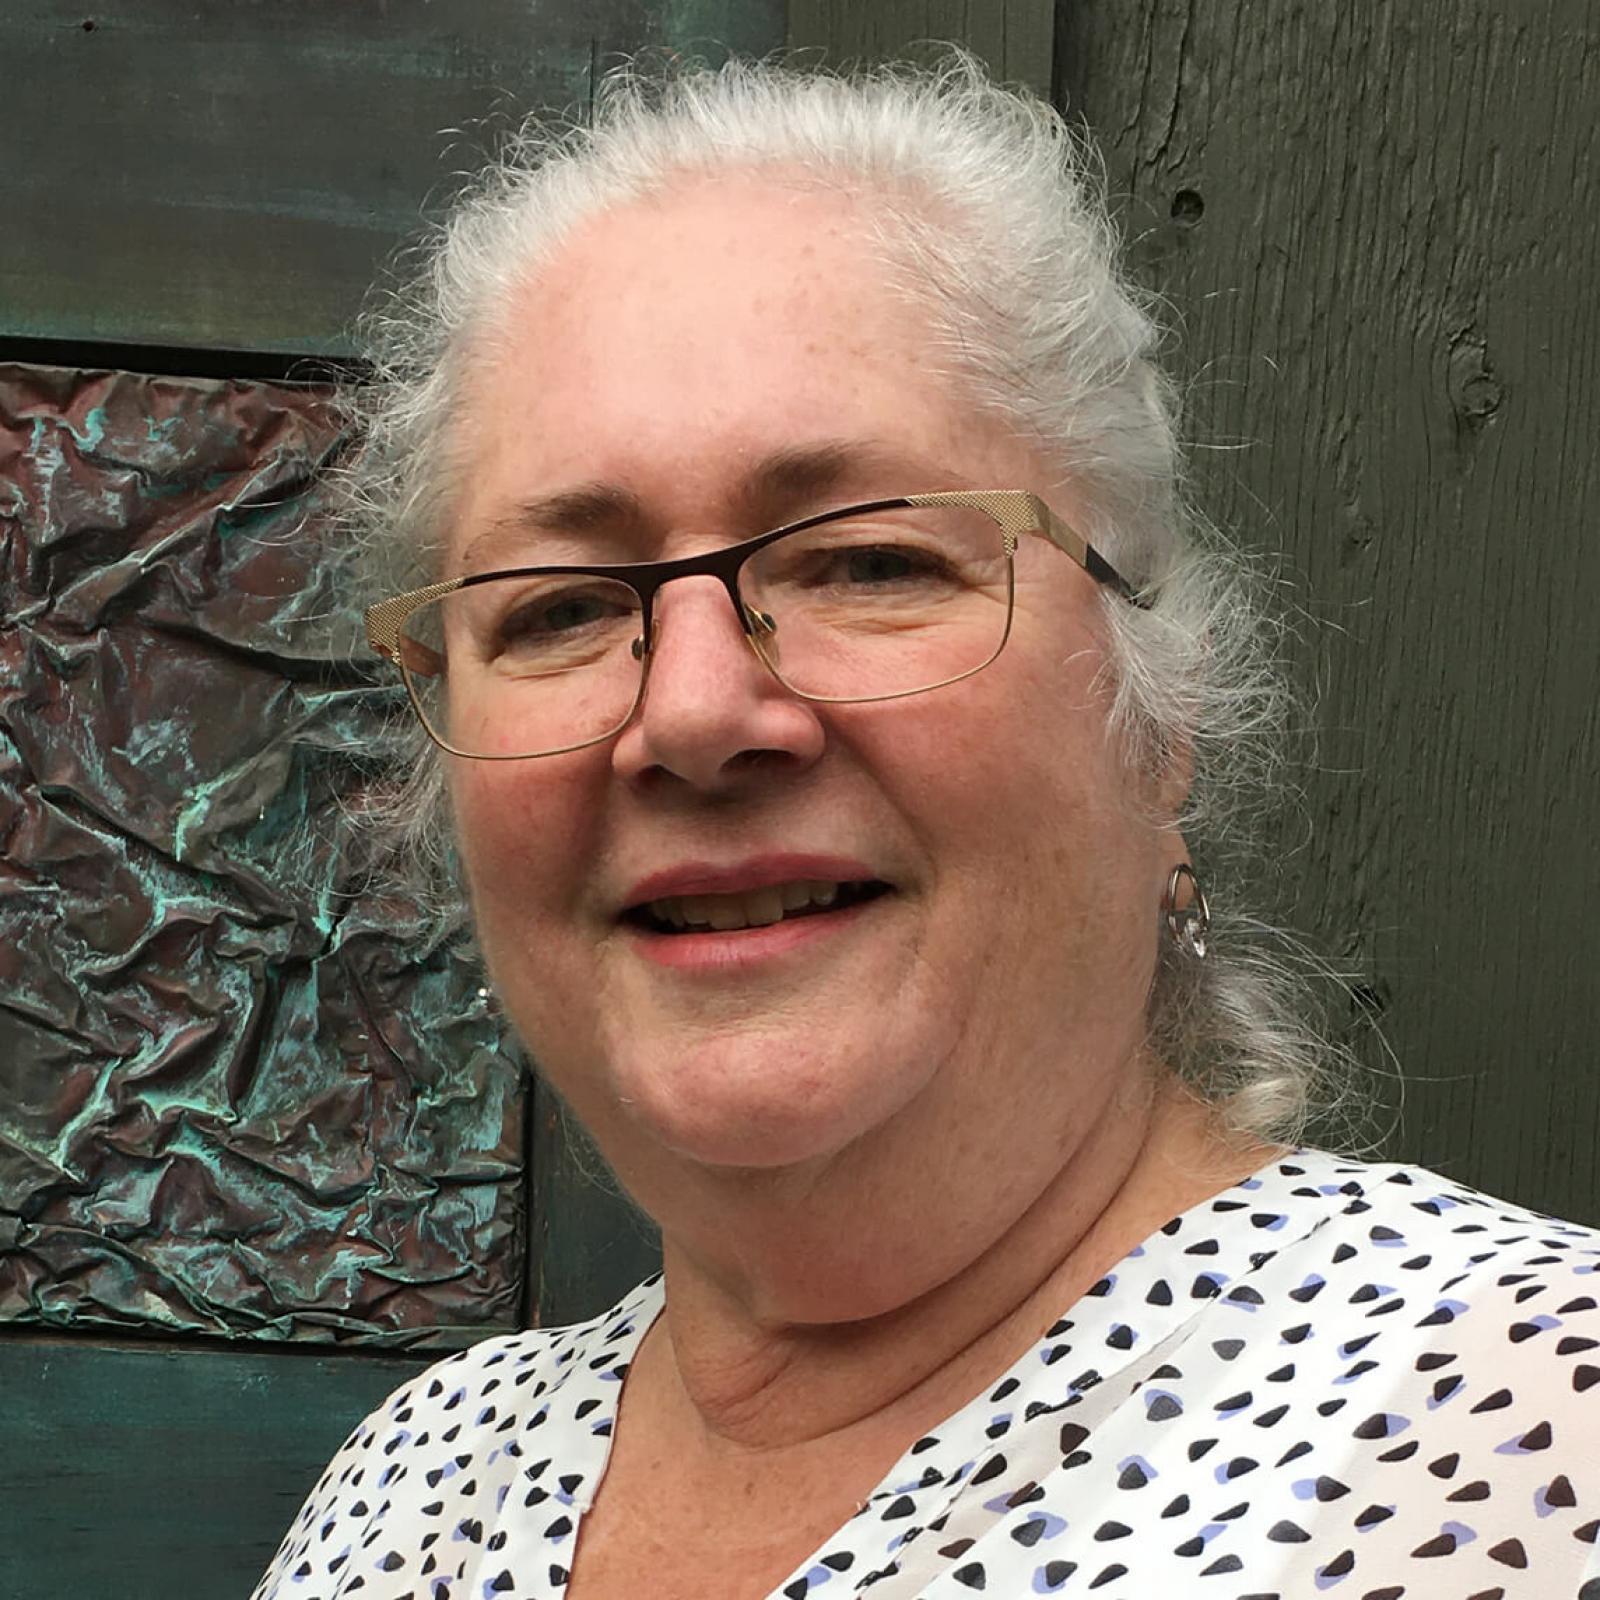 Audrey Partridge